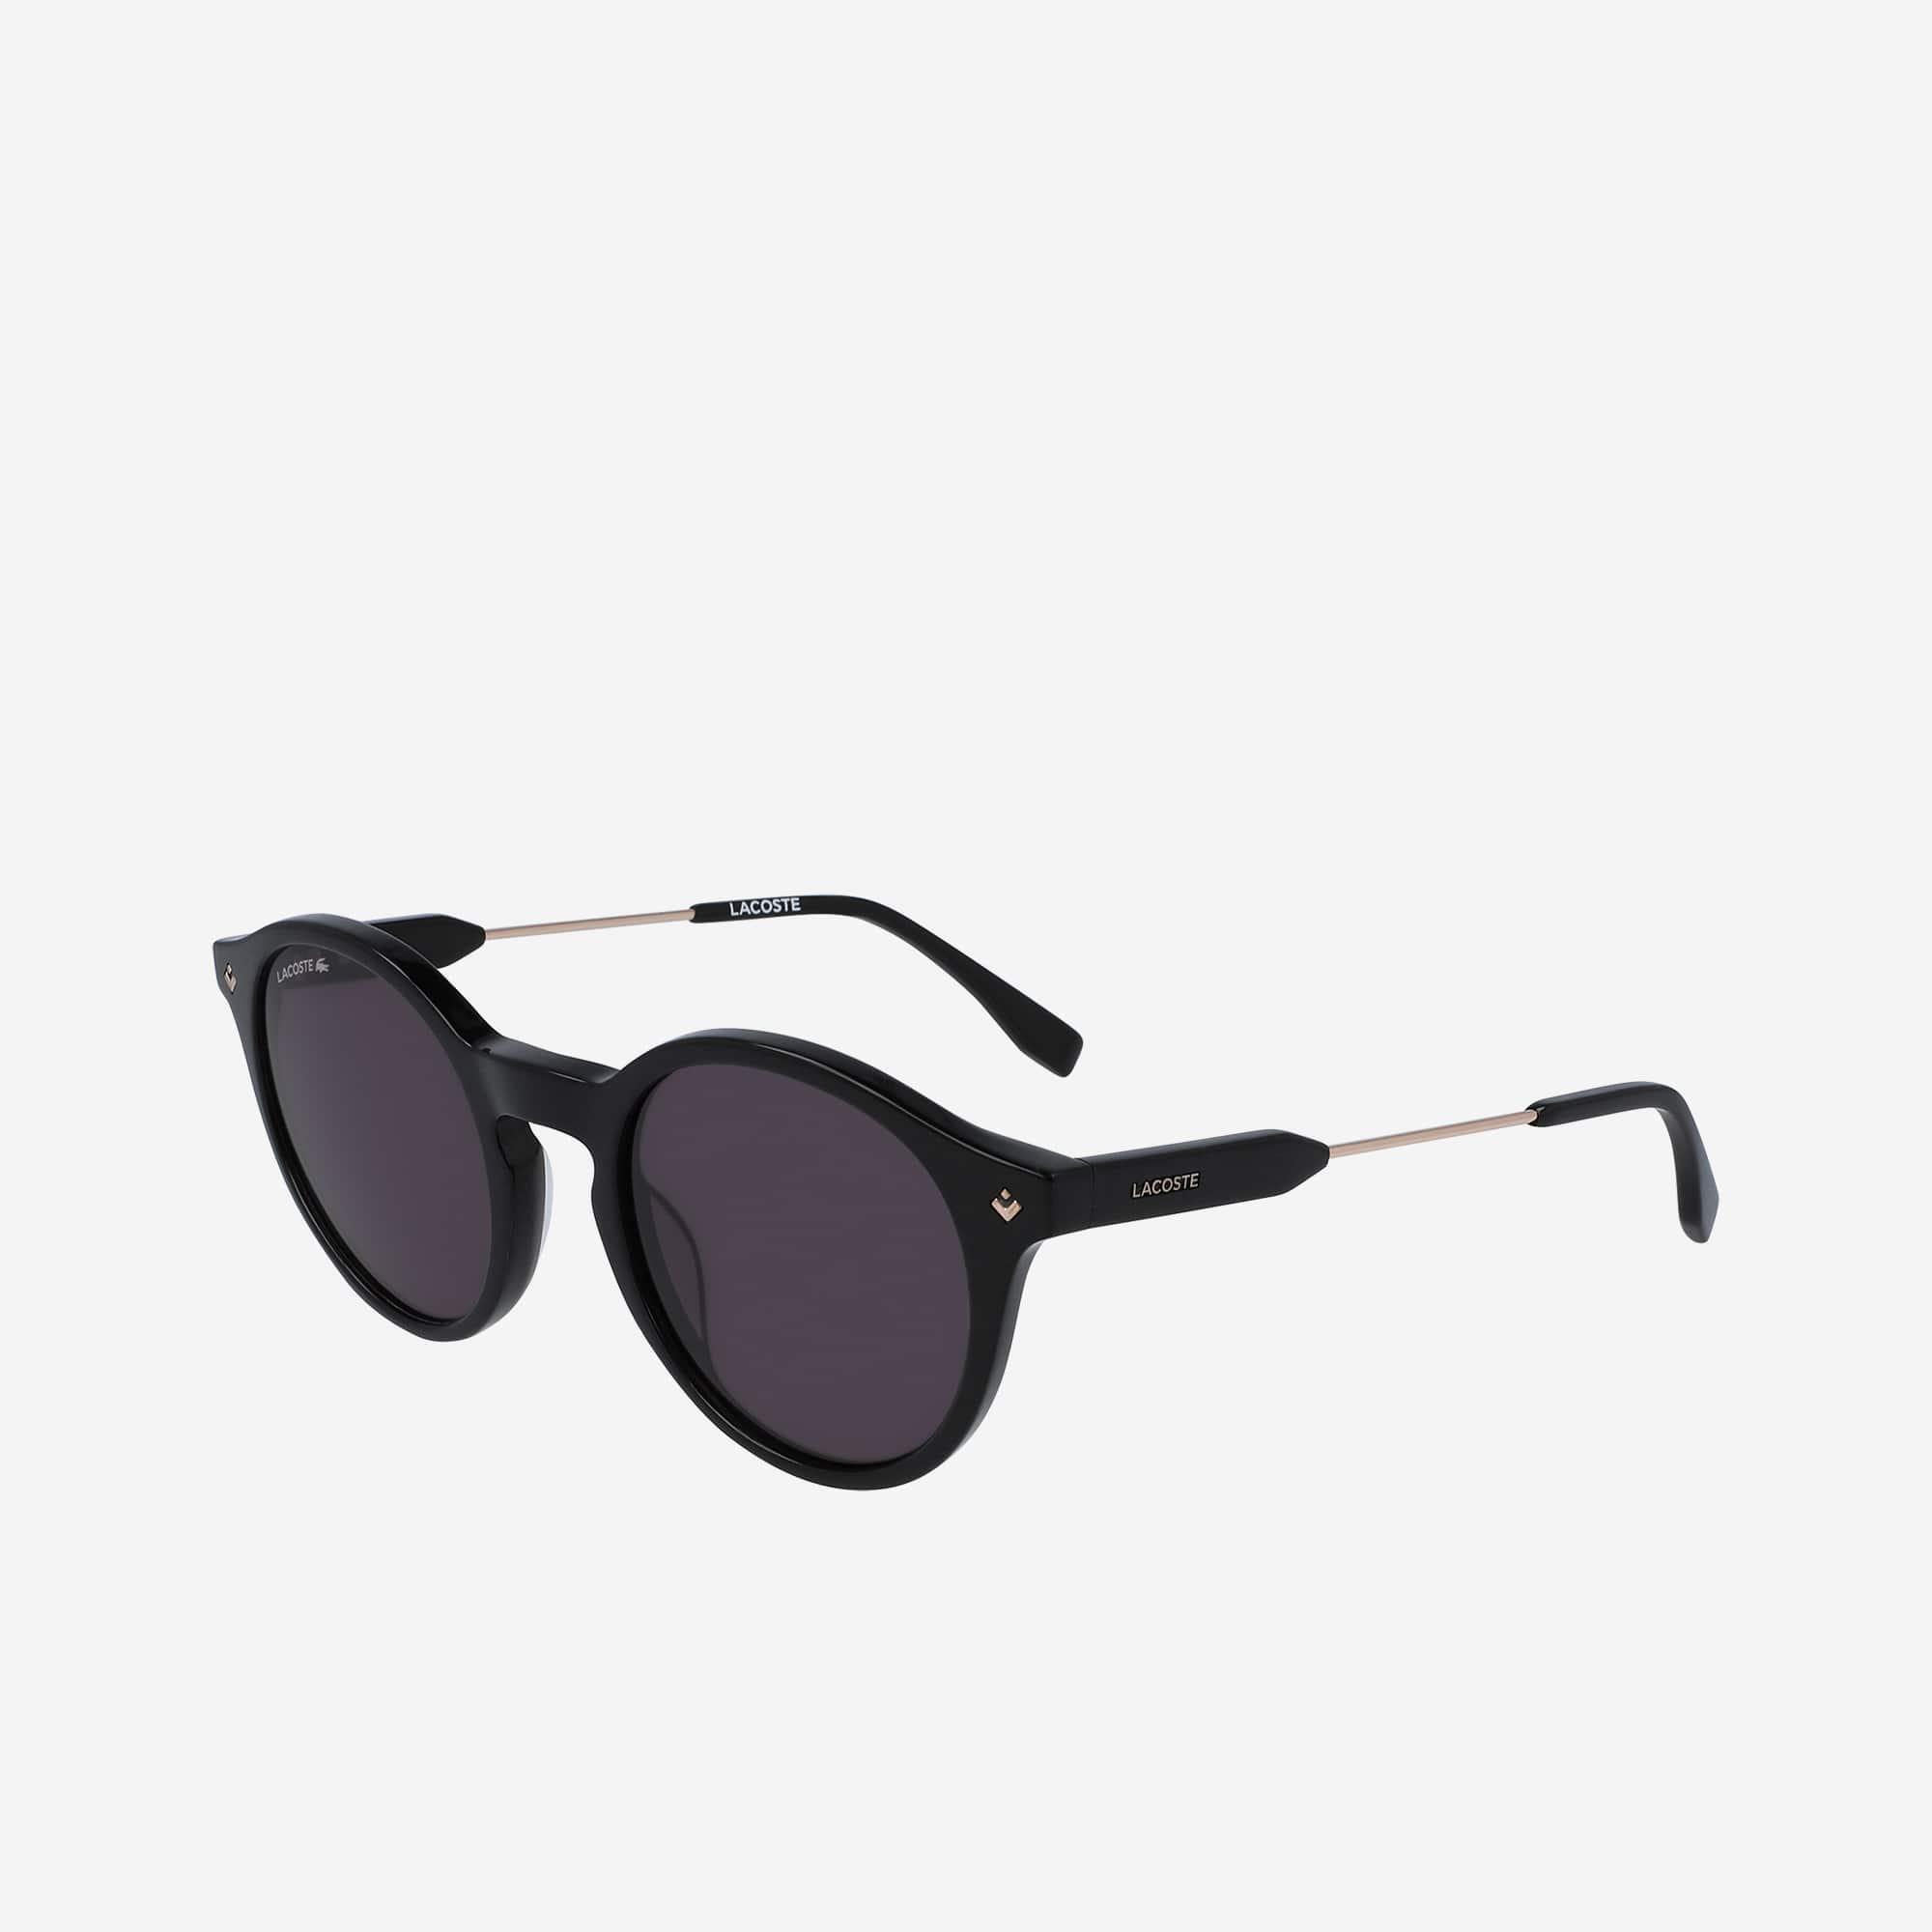 674a5c6e2c Round Acetate Petit Piqué Sunglasses